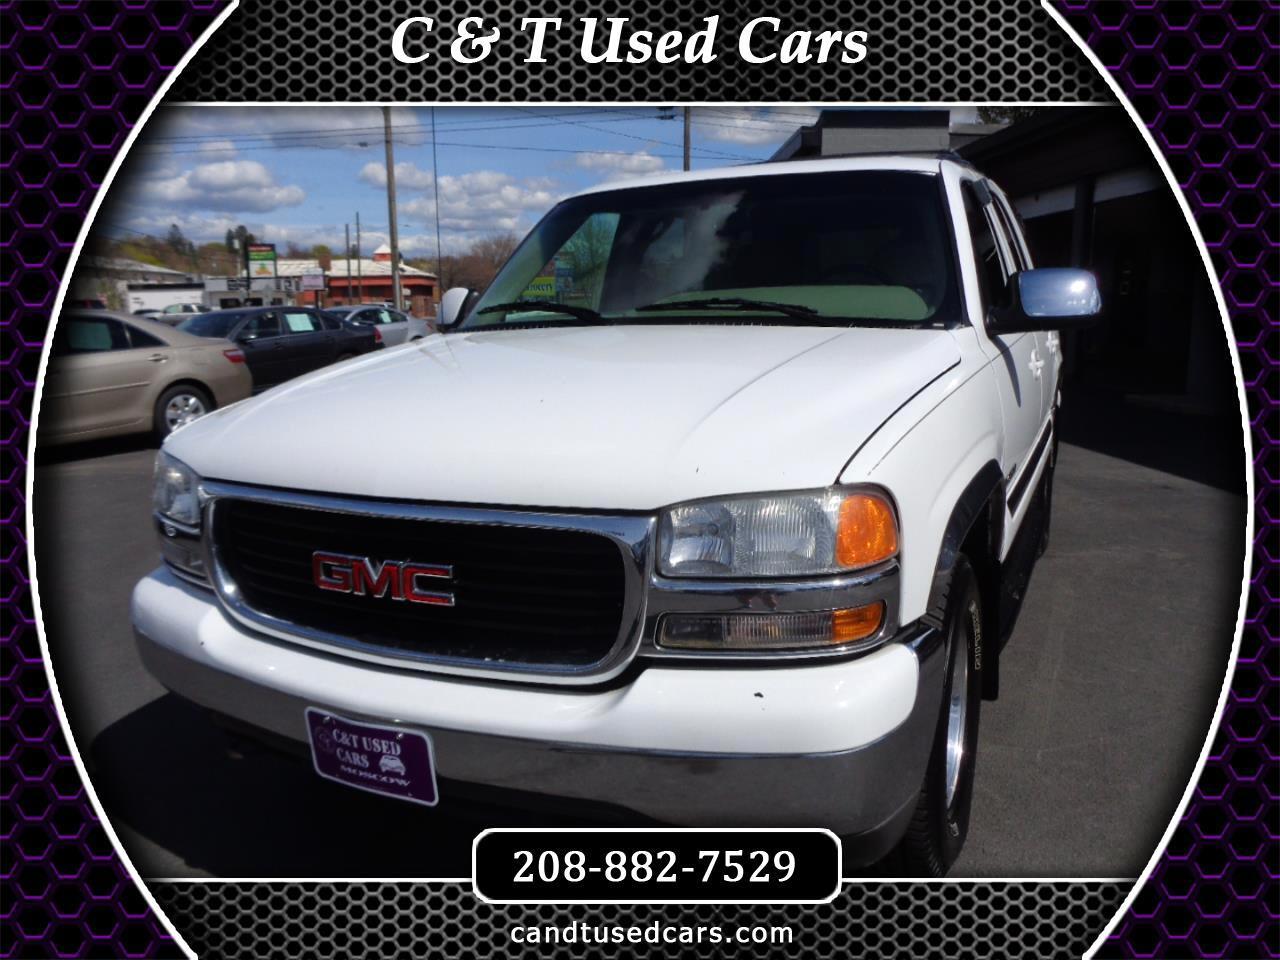 GMC Yukon SLE 4WD 2001